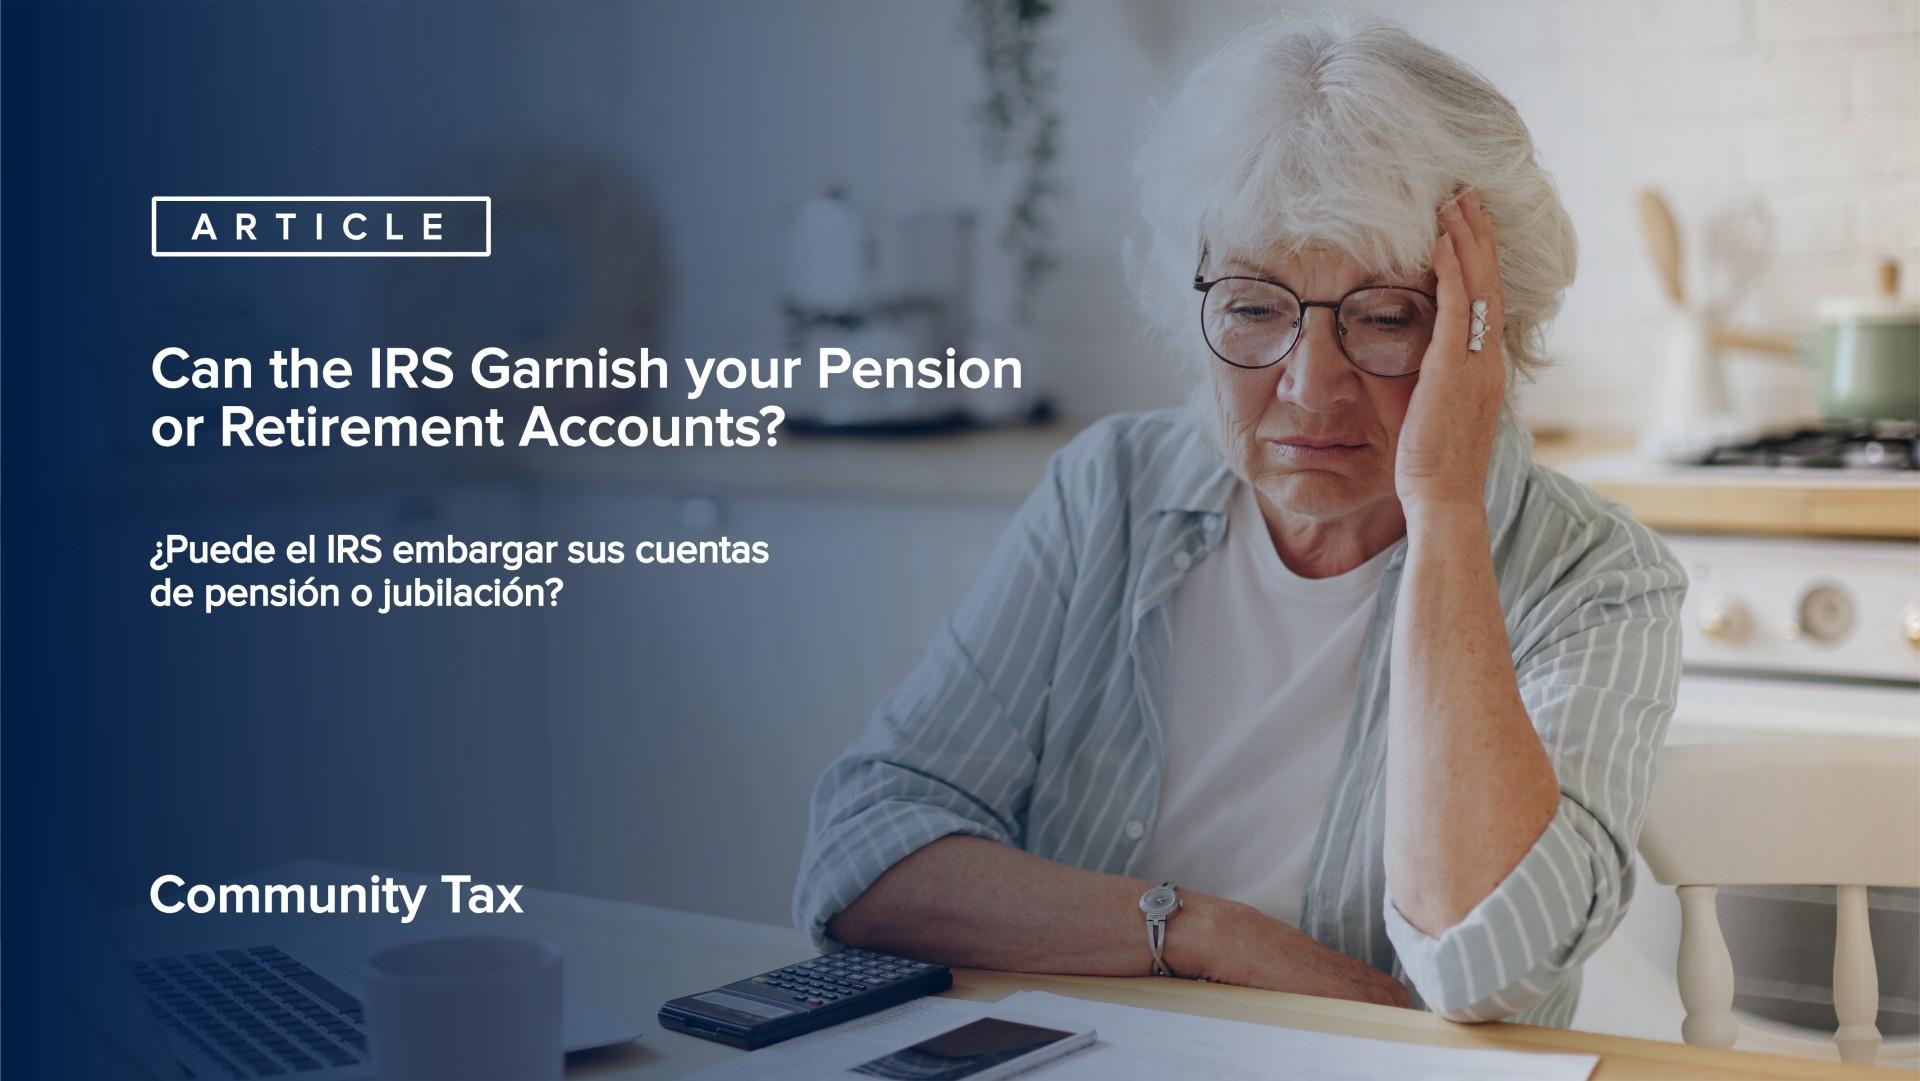 ¿Puede el IRS embargar sus cuentas de pensión o jubilación?